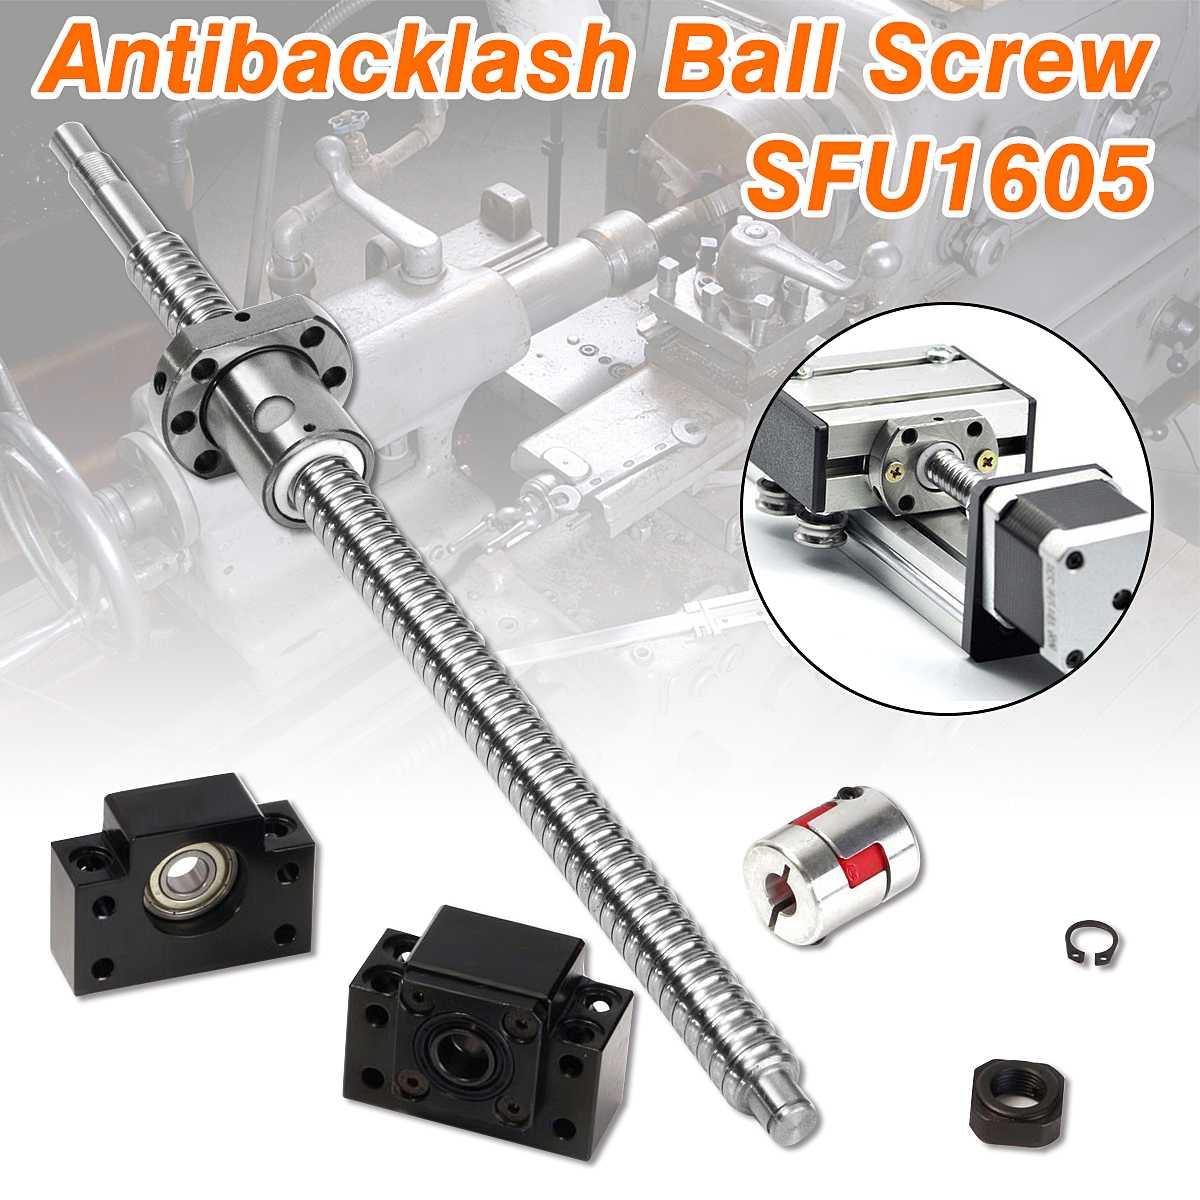 Set of Antibacklash Ball Screw SFU1605 1605-L360mm-C7 + BK/BF12 + 2pcs 6.35x10mm CouplersSet of Antibacklash Ball Screw SFU1605 1605-L360mm-C7 + BK/BF12 + 2pcs 6.35x10mm Couplers